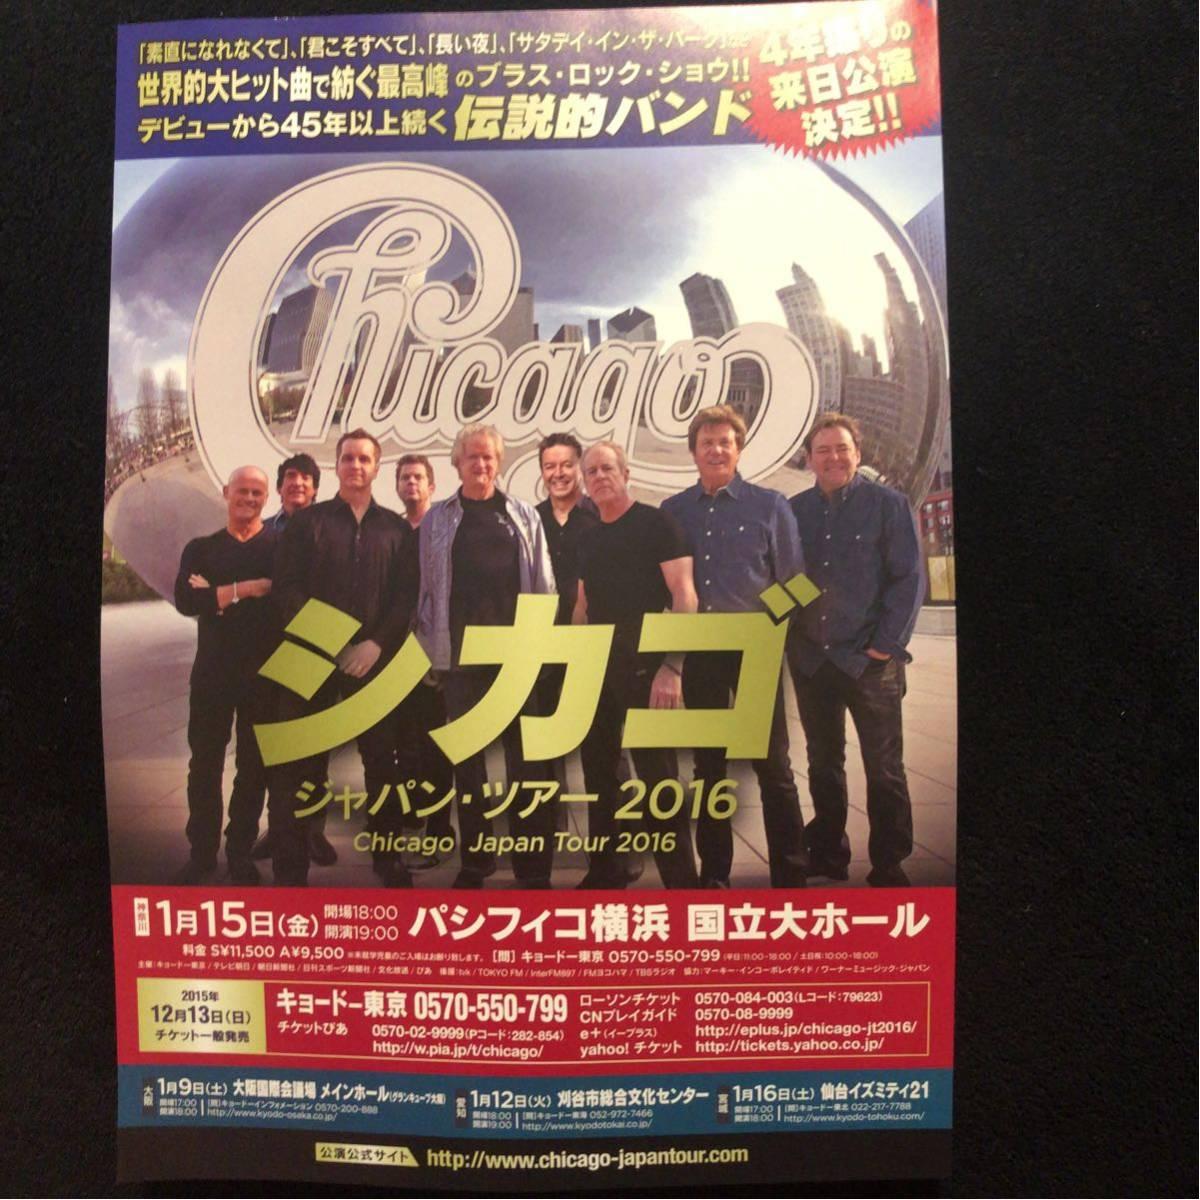 コンサートチラシ★Chicago / シカゴ